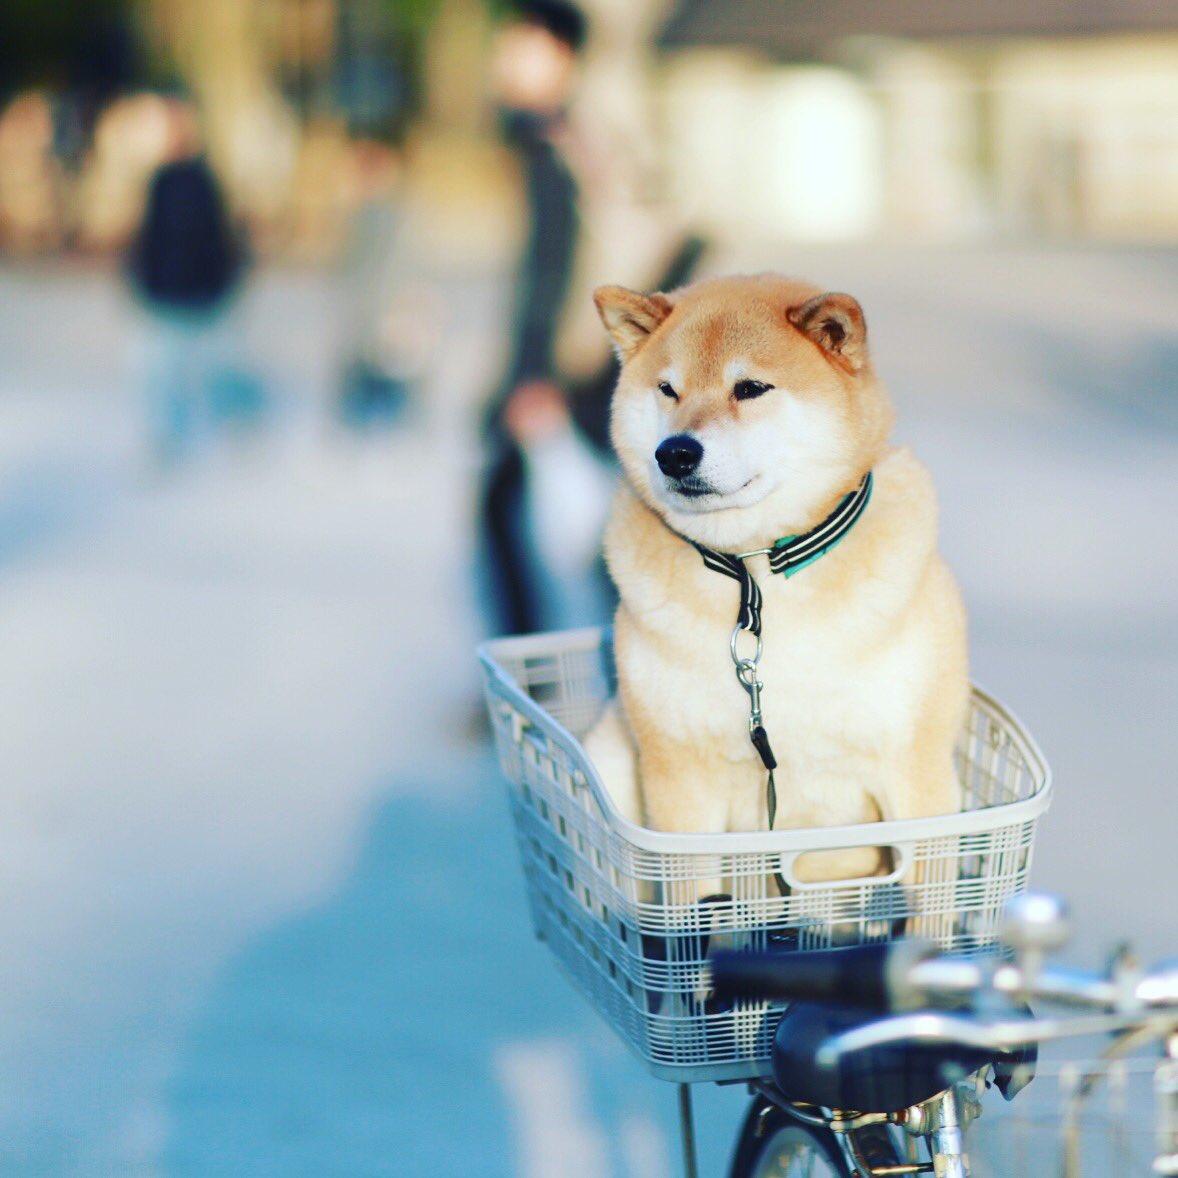 柴犬運搬中 pic.twitter.com/3Pd6TW3Cre